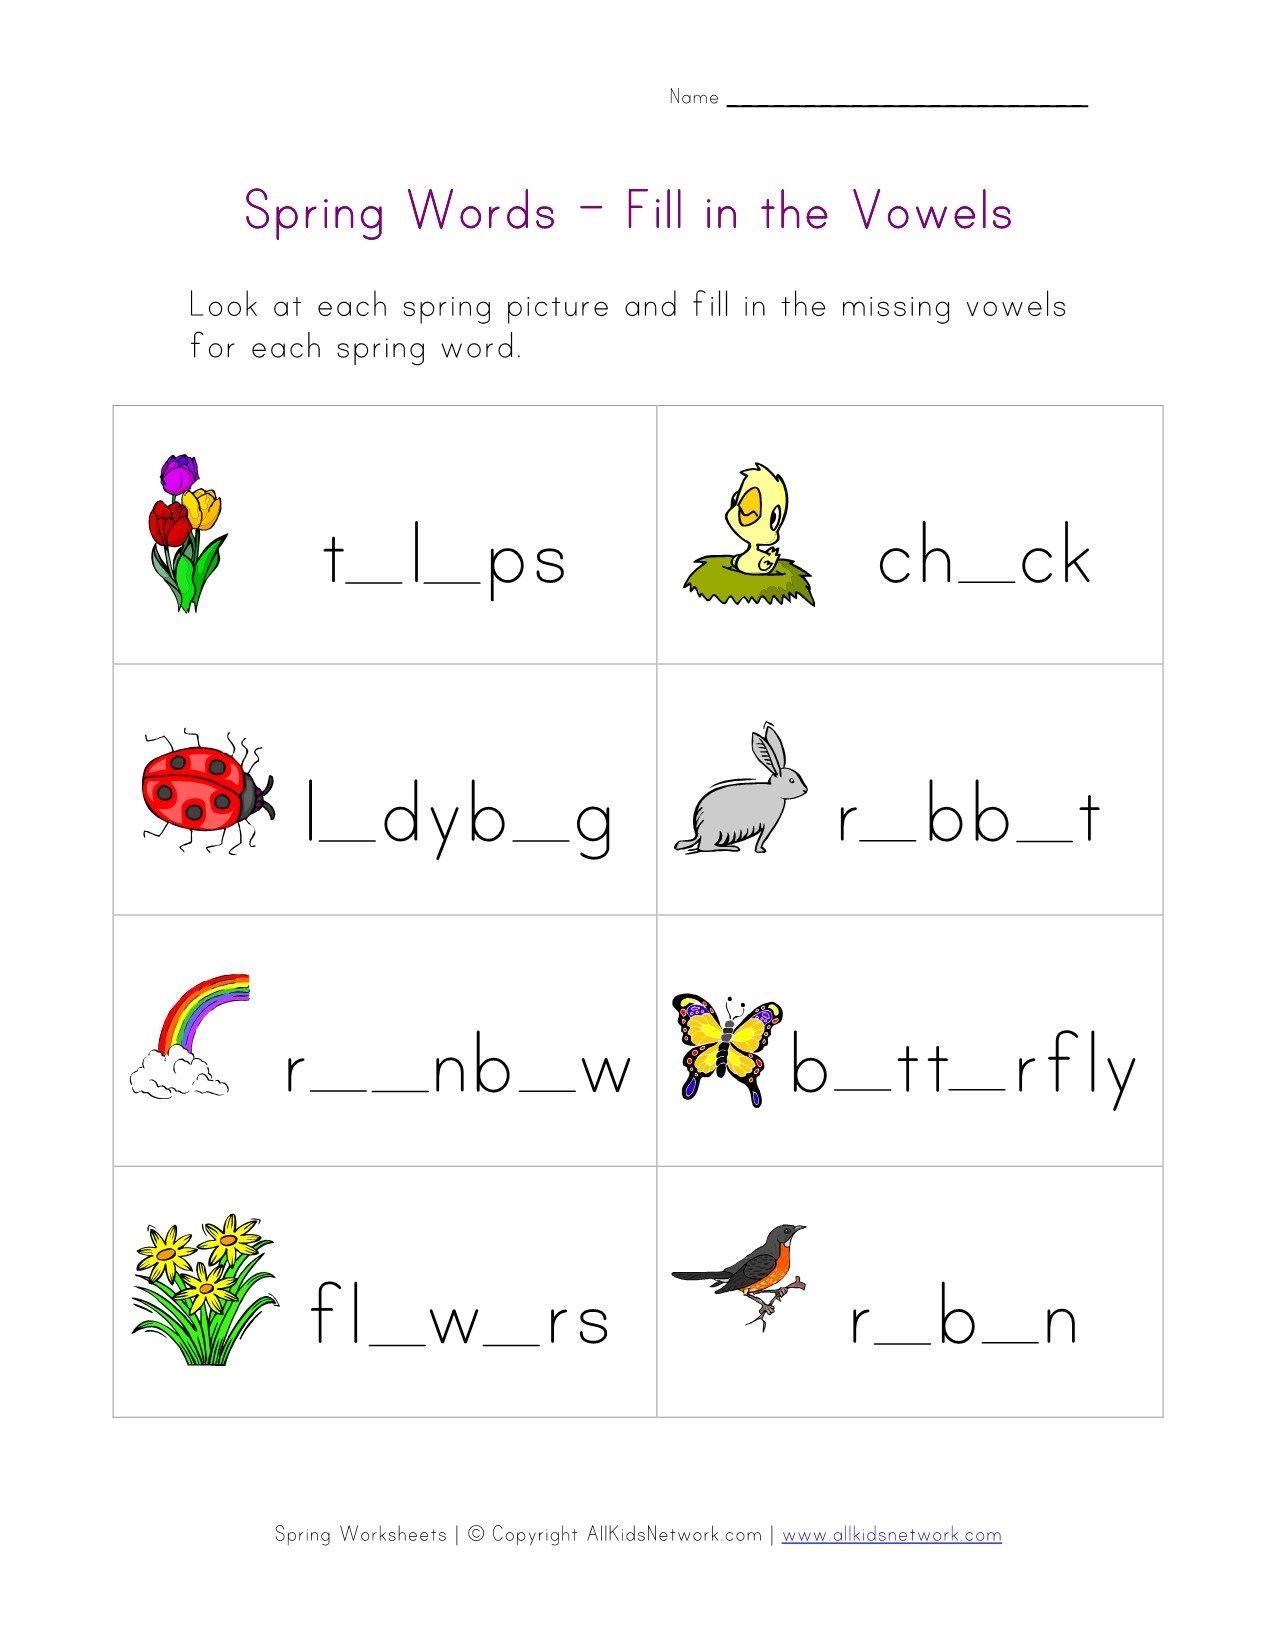 Spring Word Worksheet